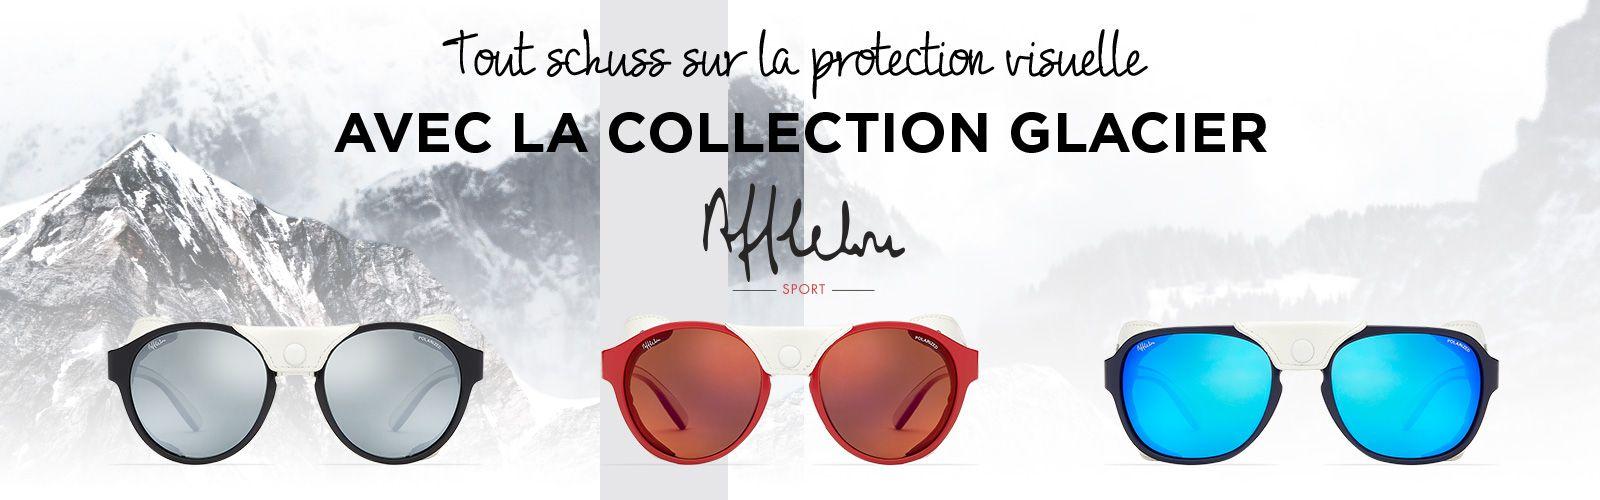 Afflelou Opticien Alain Afflelou · Trouver un magasin Prendre rdv. Je  cherche des 8d79833461f0